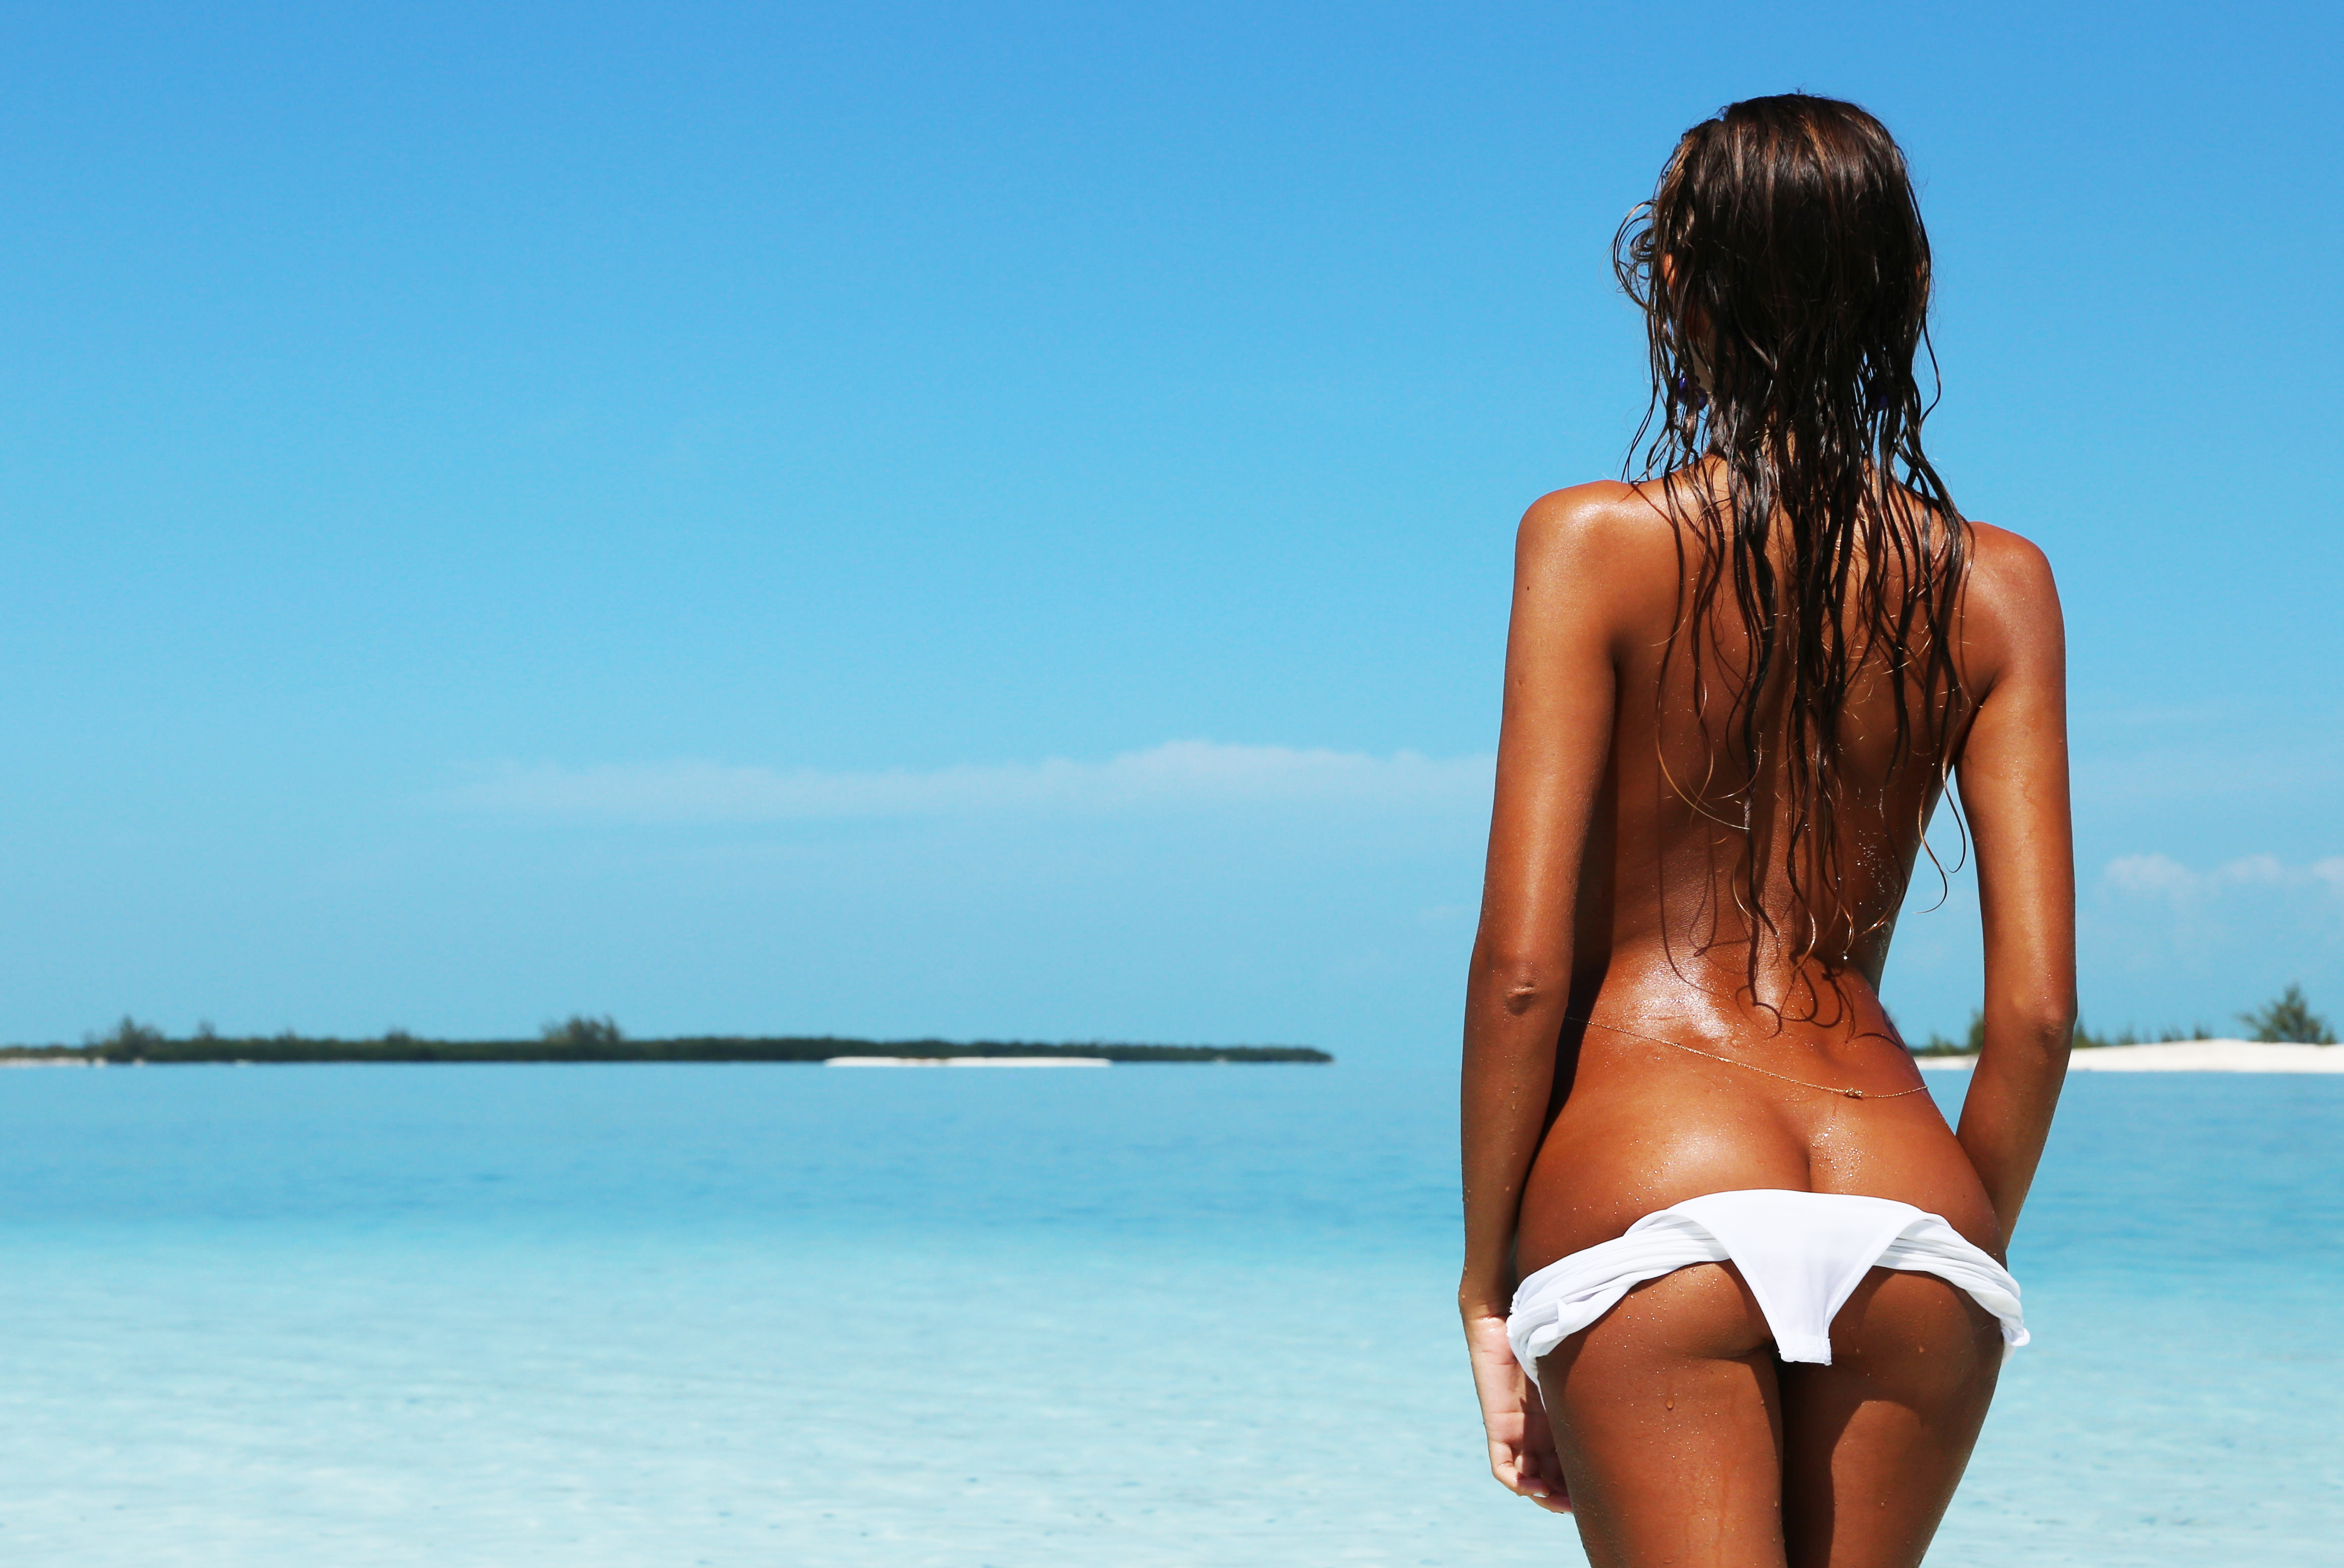 секси девушки на море - 9